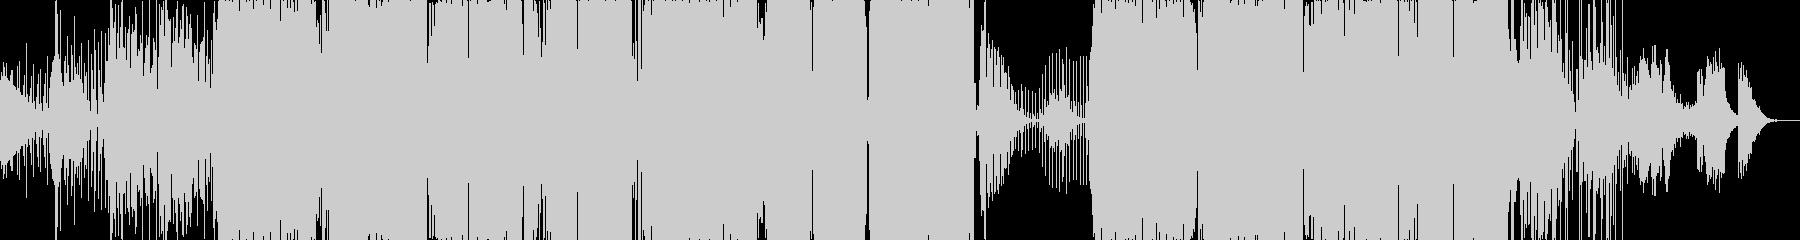 チャルメラな和風トラップの未再生の波形